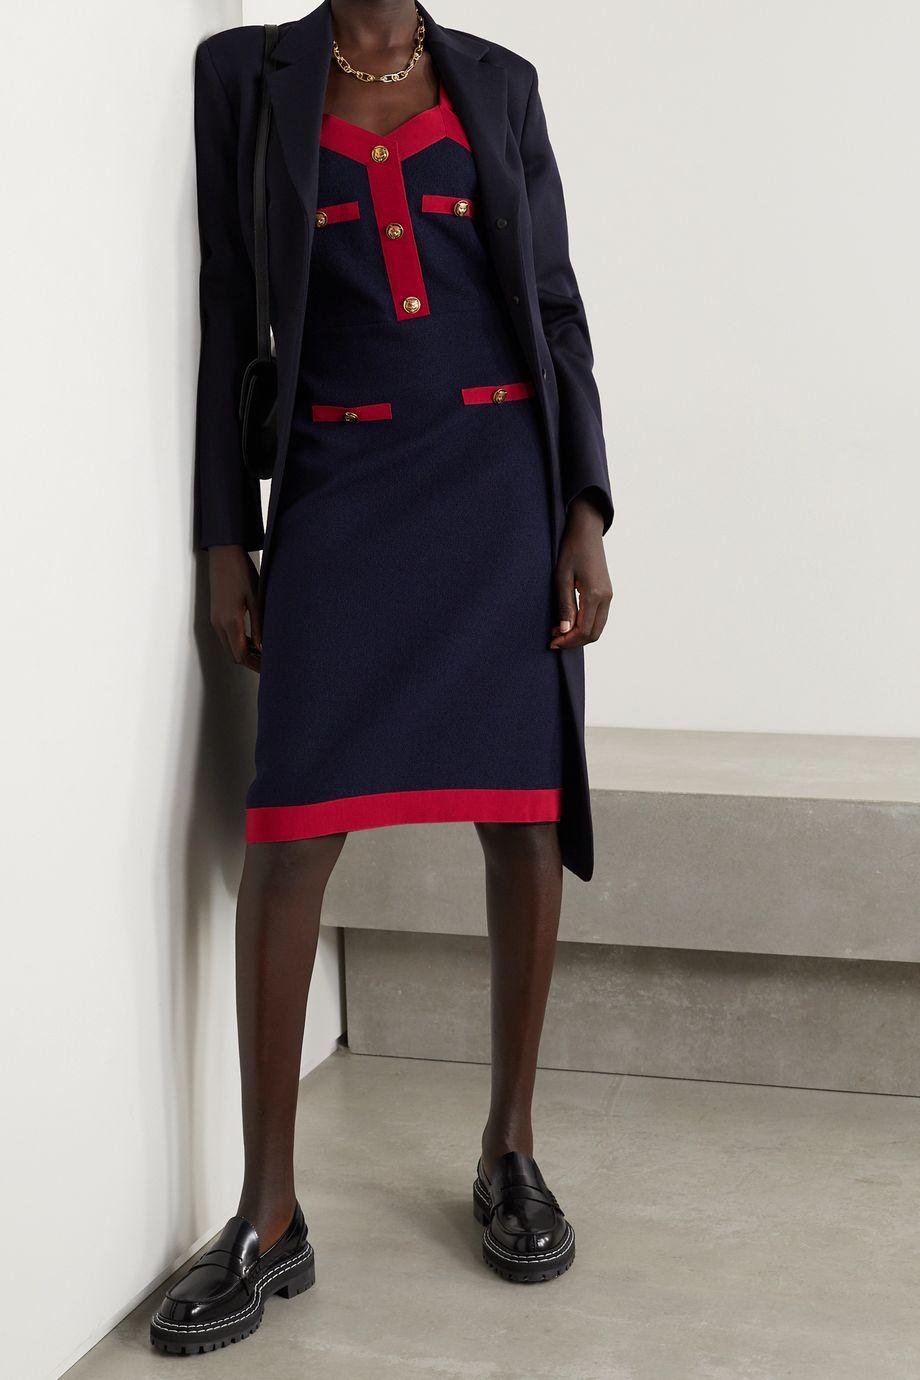 Gucci Grosgrain-trimmed wool-blend dress